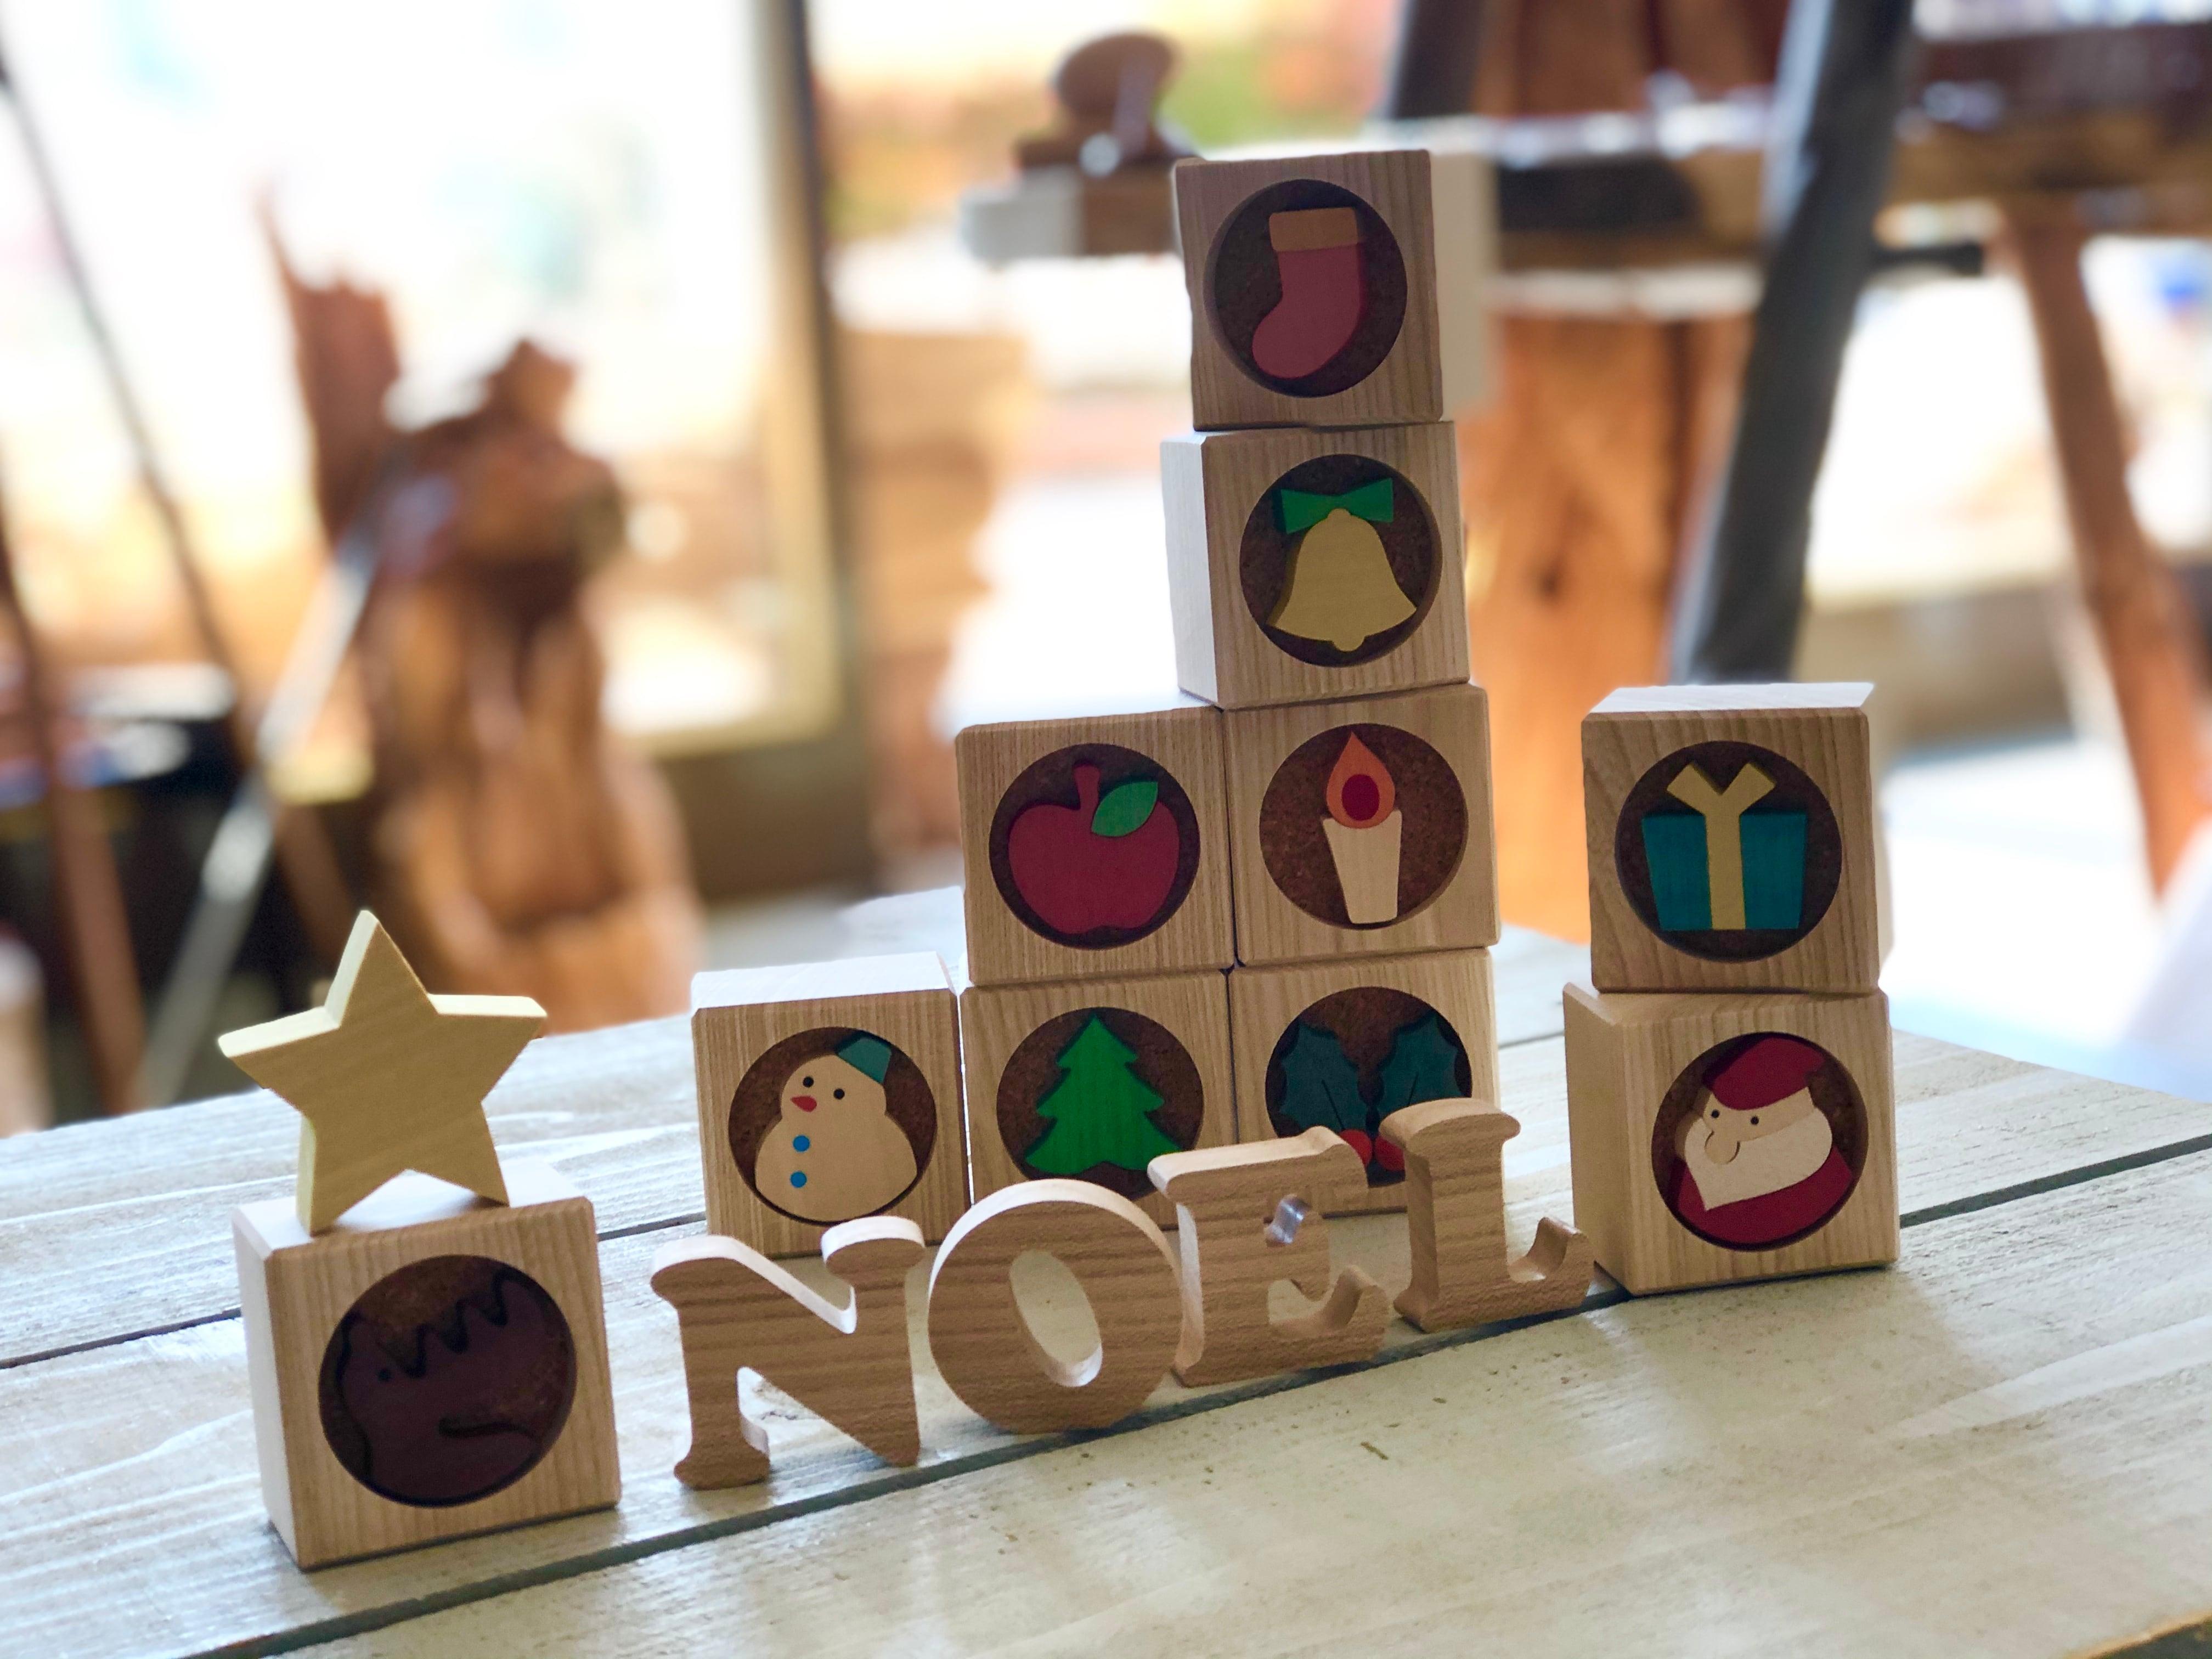 コロナに負けるなキャンペーン!!おもちゃ20%OFF!!森林工芸館 ノエルブロックツリー